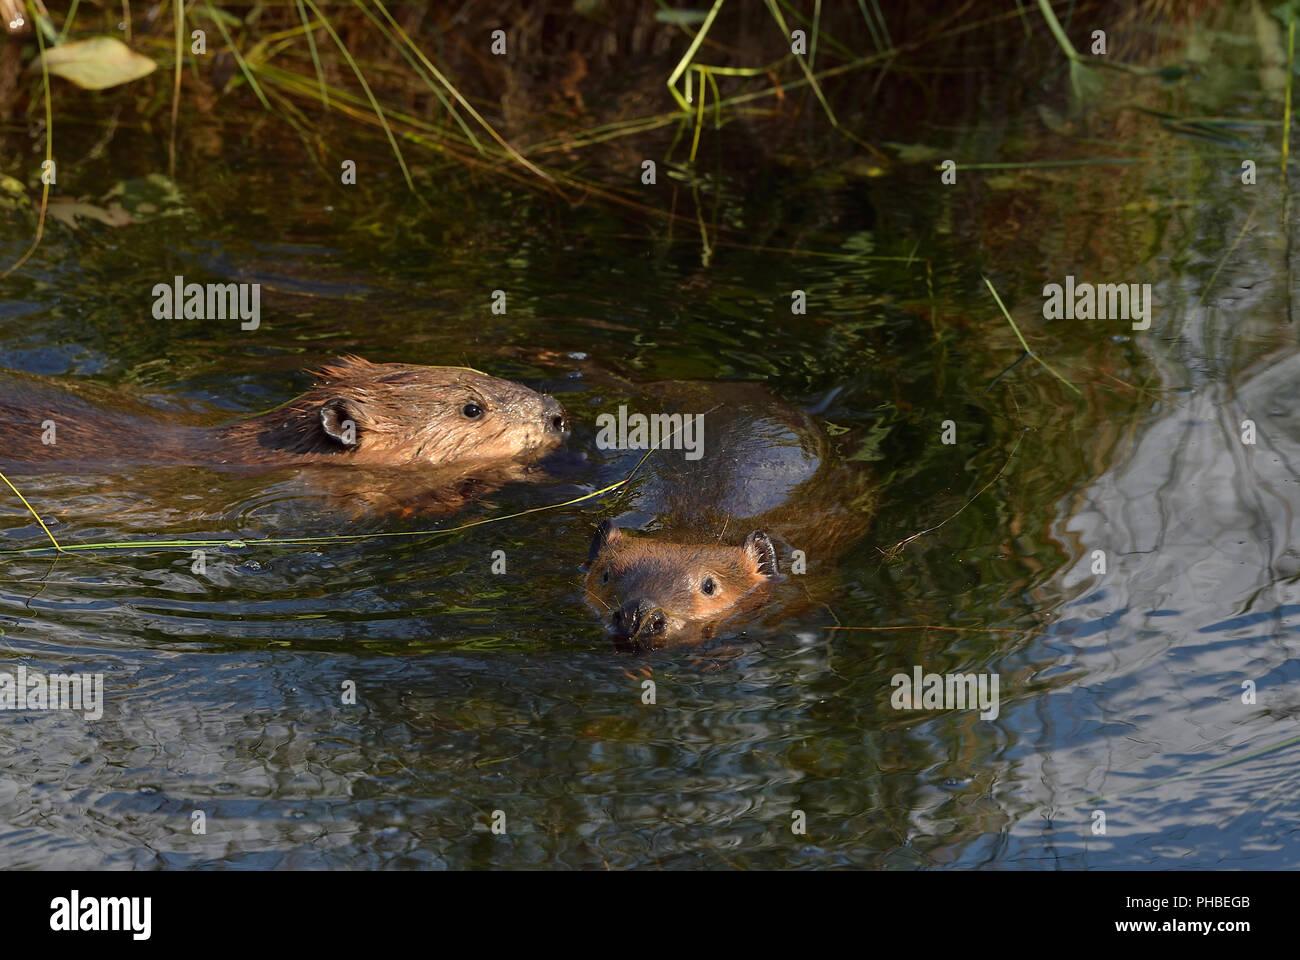 Famiglia di castori immagini famiglia di castori fotos stock alamy